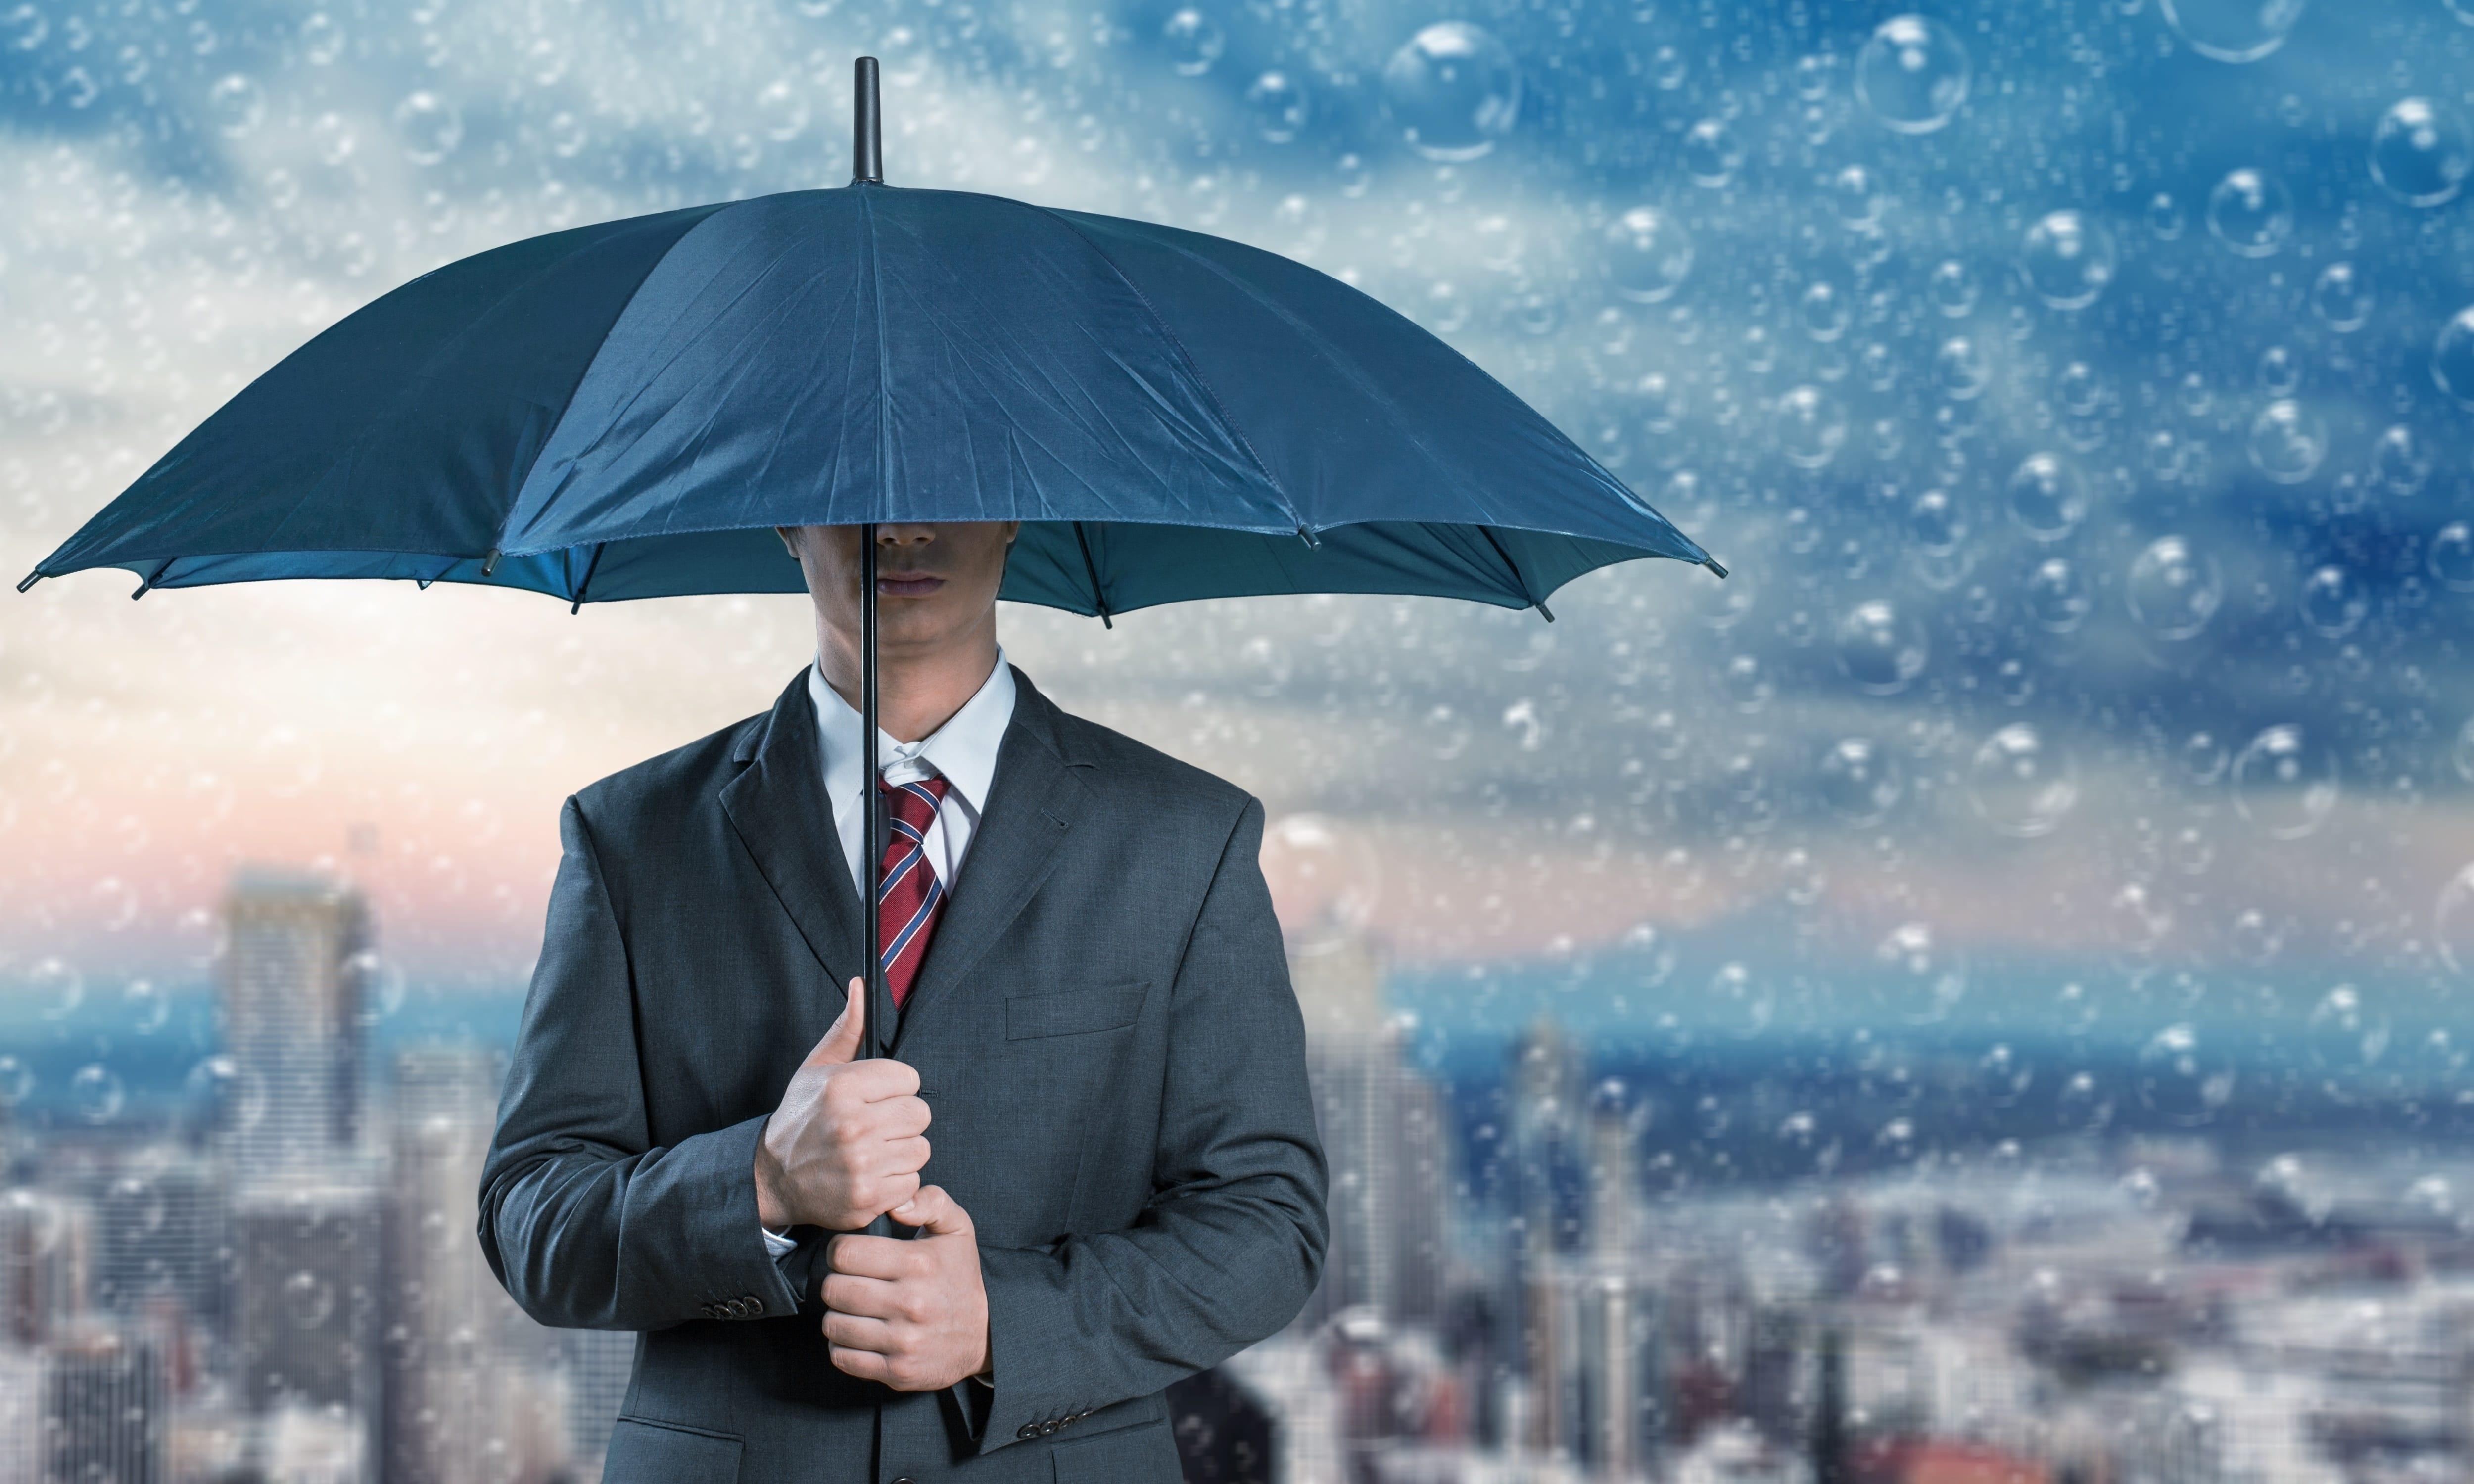 Rainy day, umbrella, suit